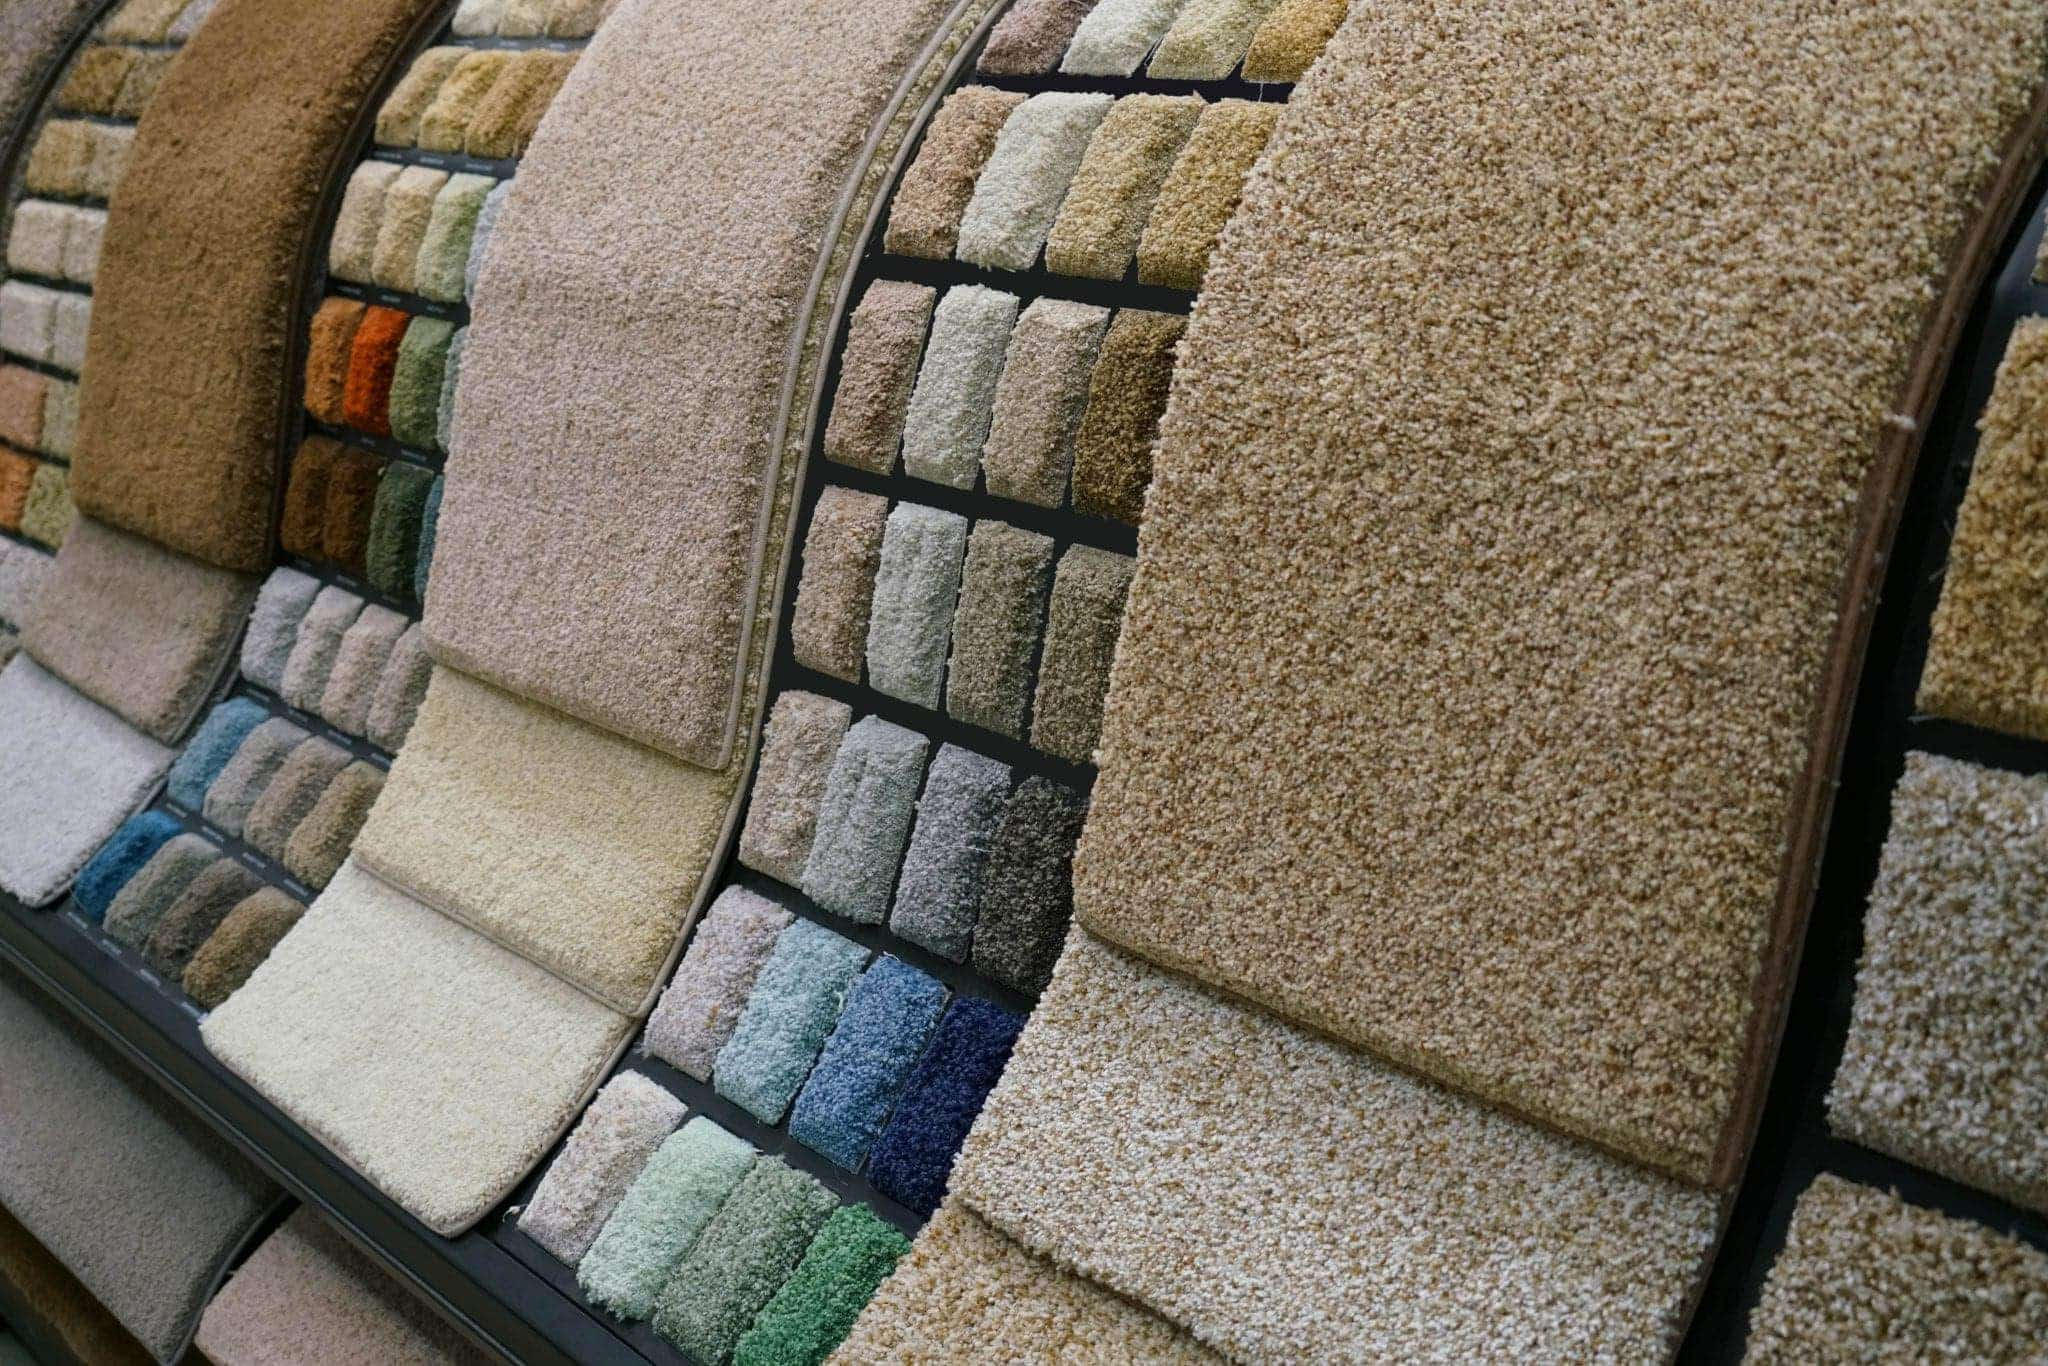 Moquette en dalles bureaux sol textile kytom paris - Decoller la moquette au sol ...